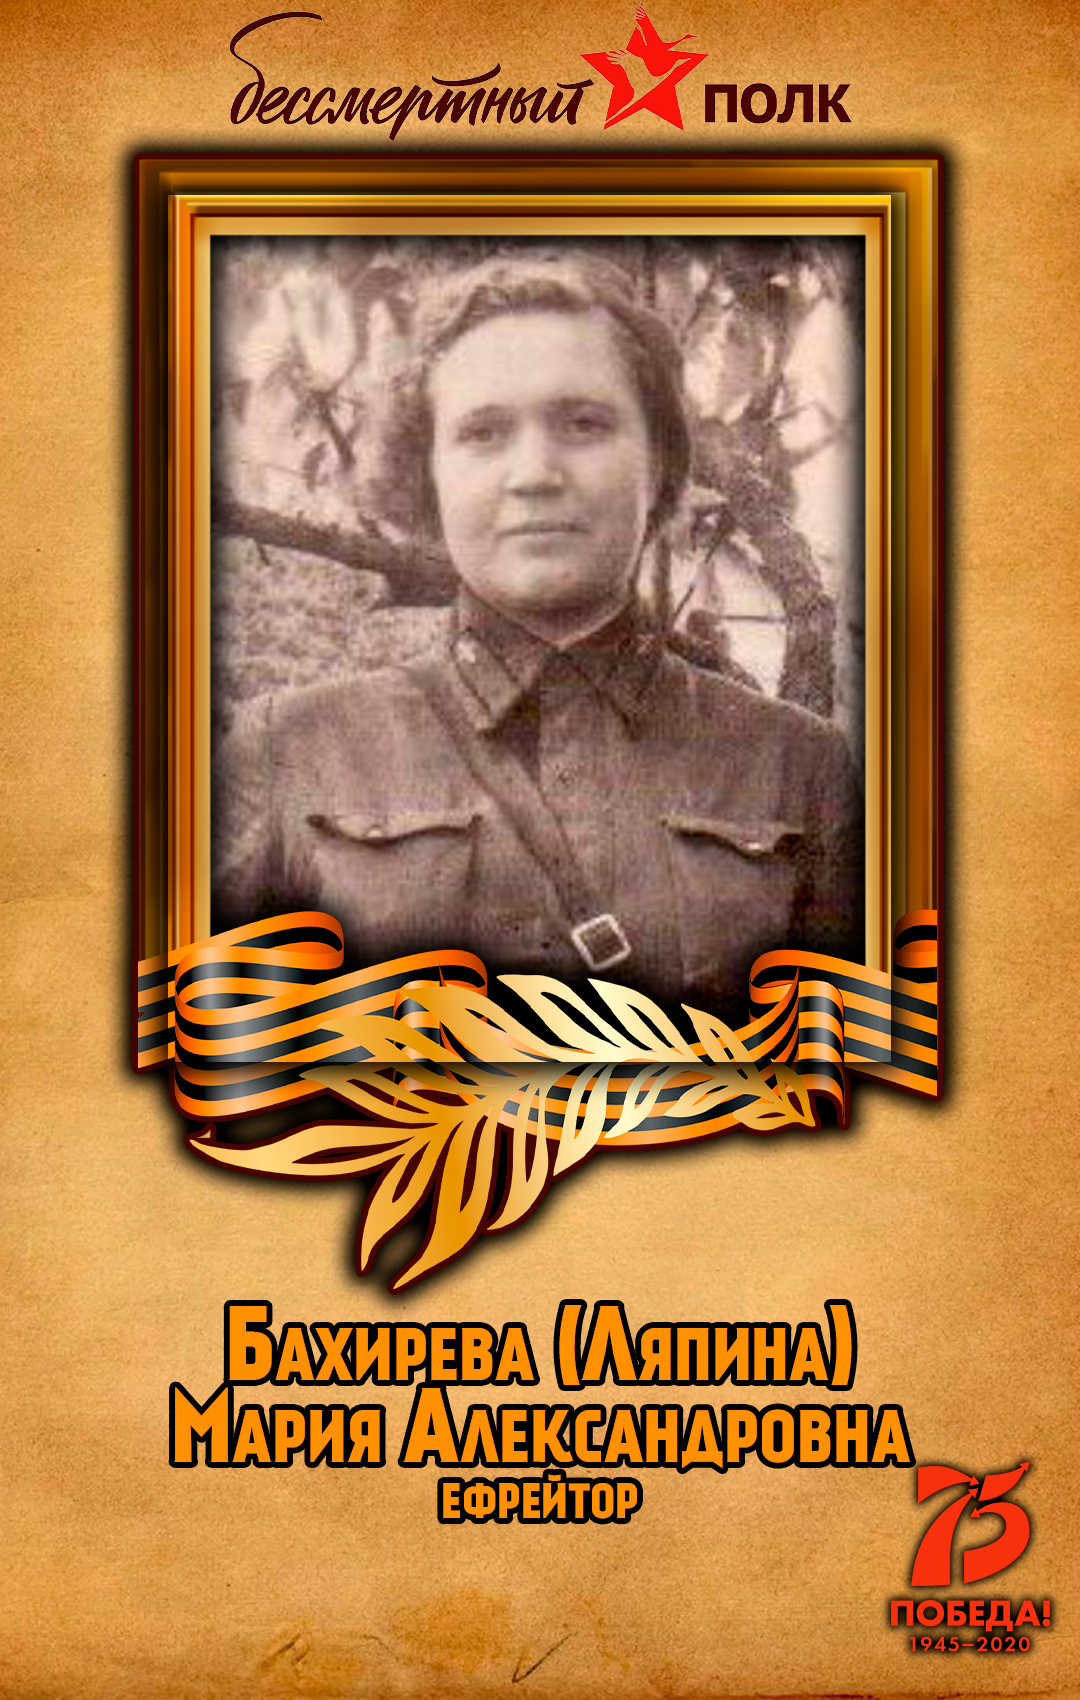 Бахирева-Мария-Александровна